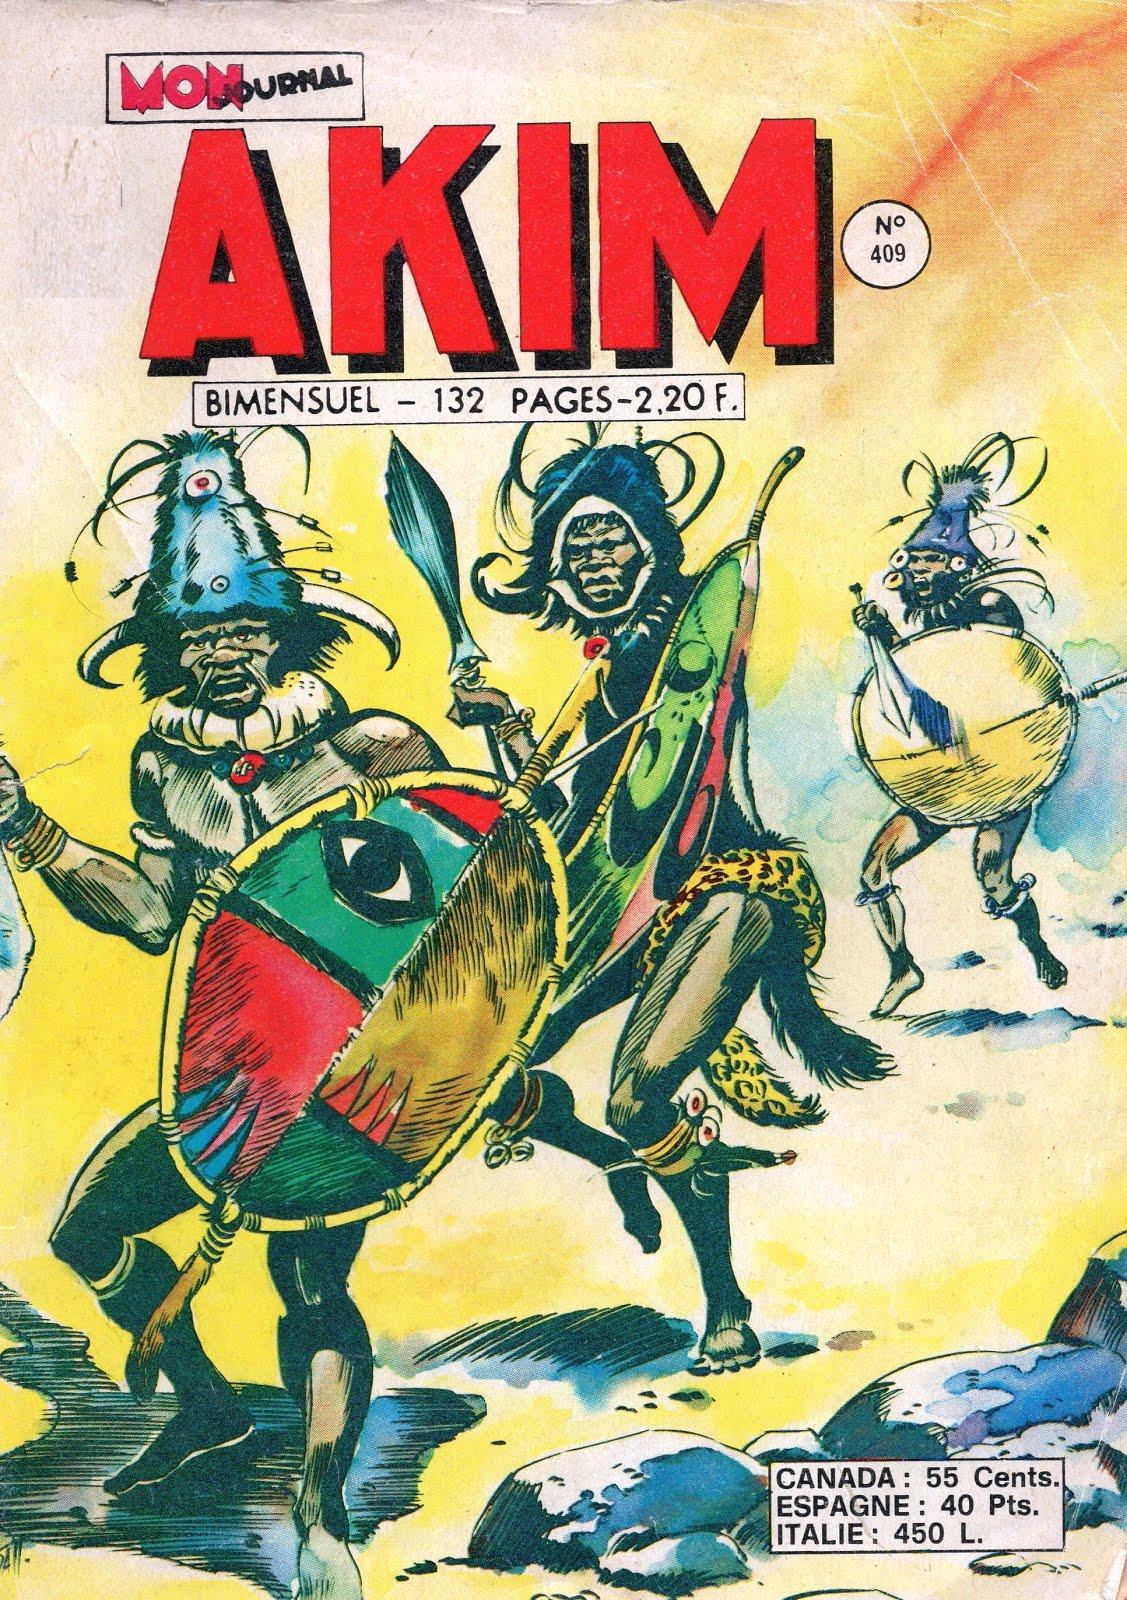 Prochaine publication: AKIM nº 409 (inédit)